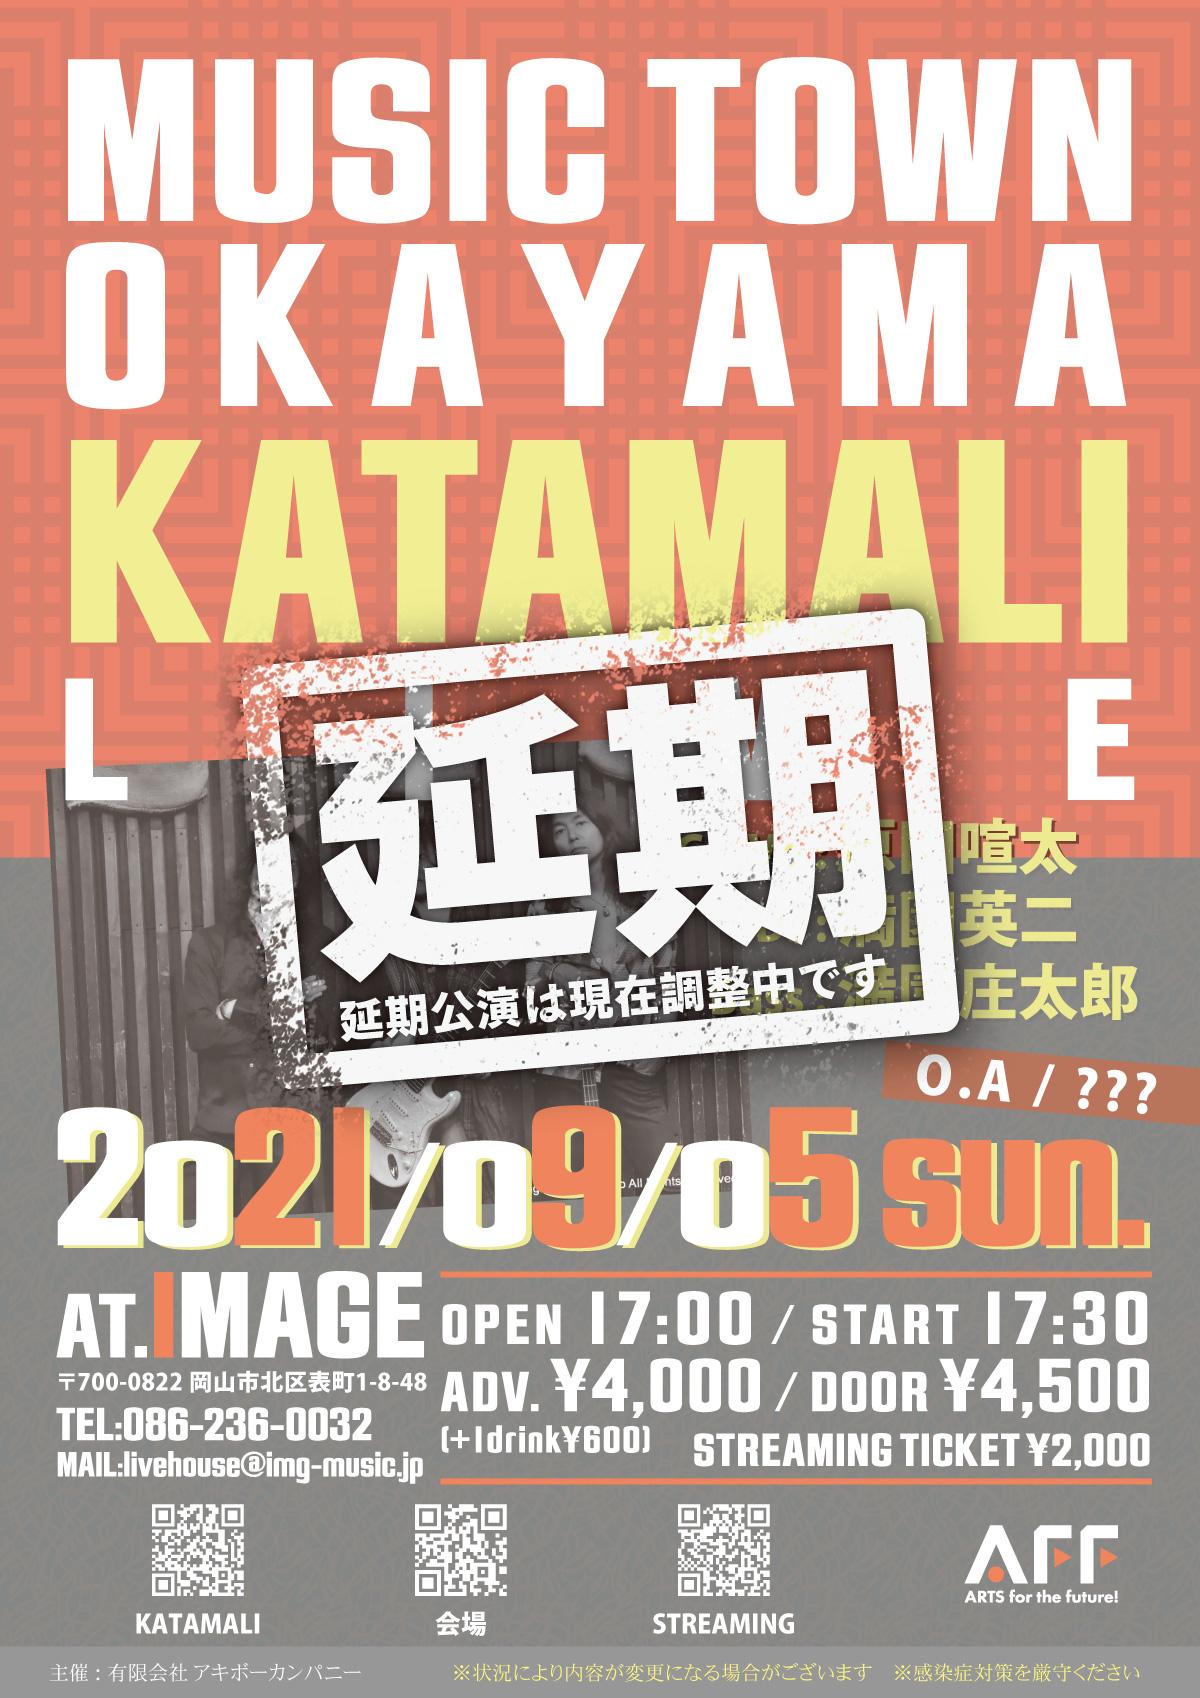 MUSIC TOWN OKAYAMA KATAMALI LIVE【公演延期】